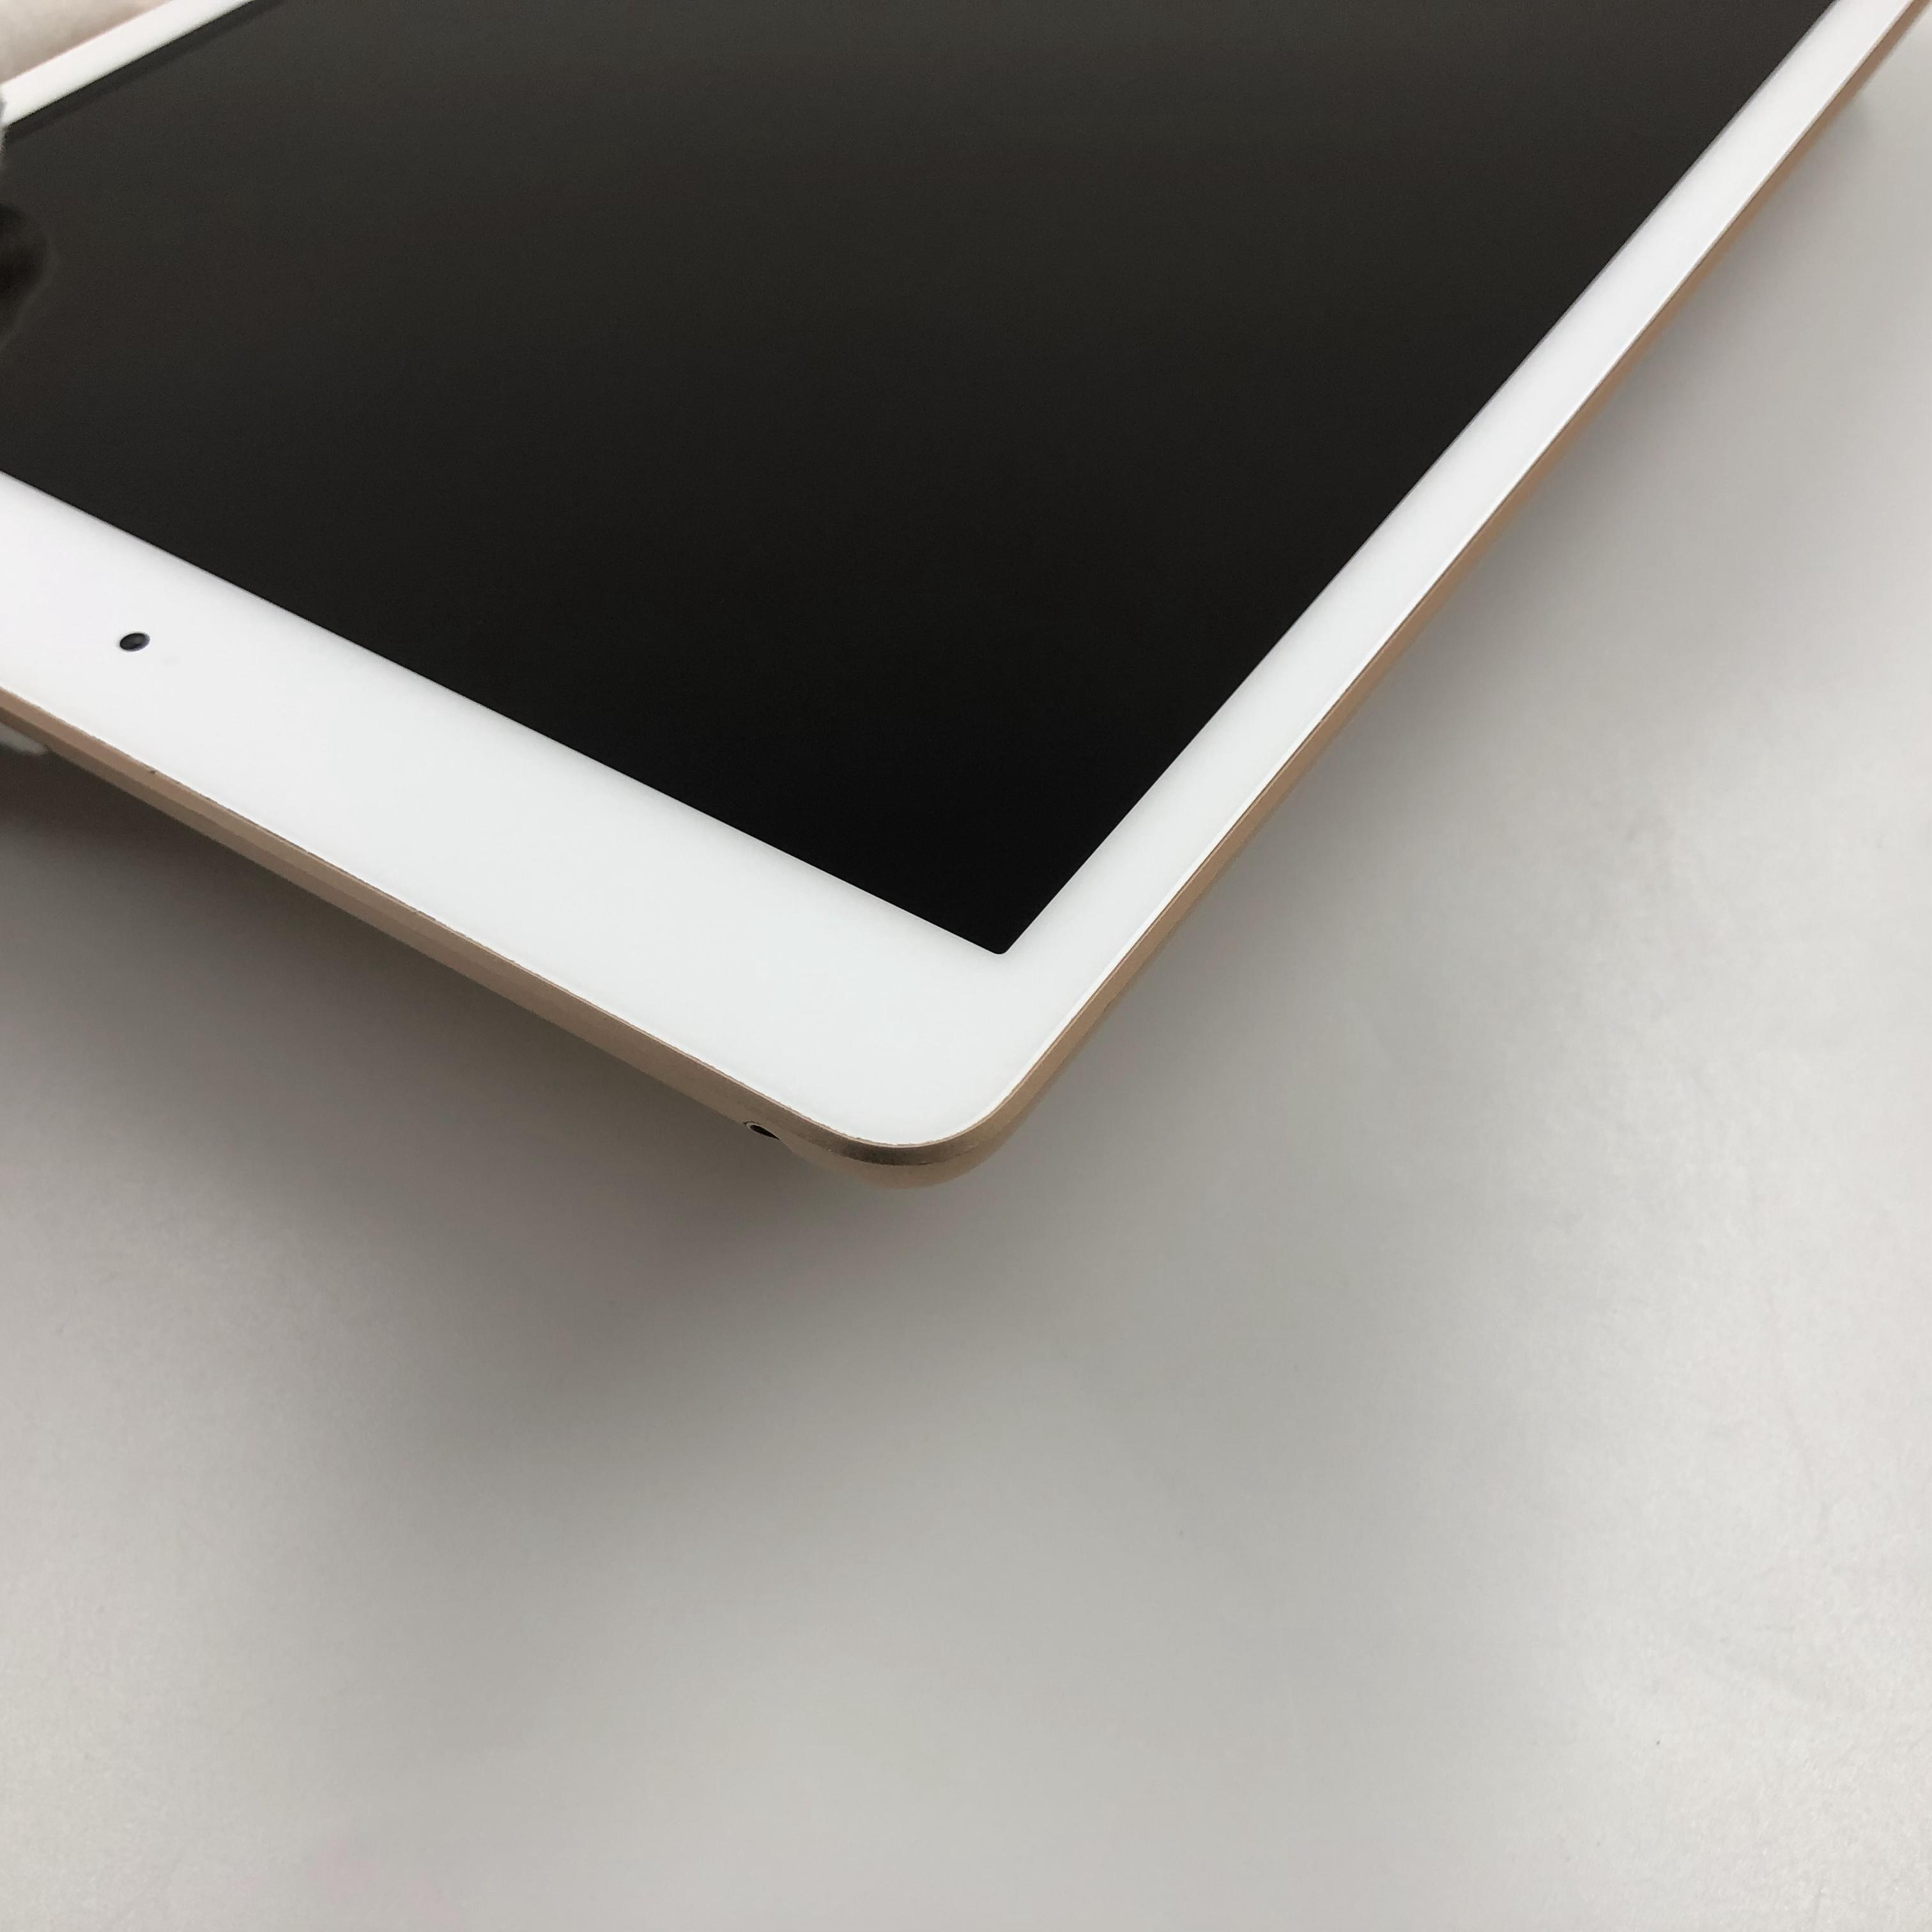 苹果【iPad 2019款10.2英寸】WIFI版 金色 32G 国行 95新 真机实拍